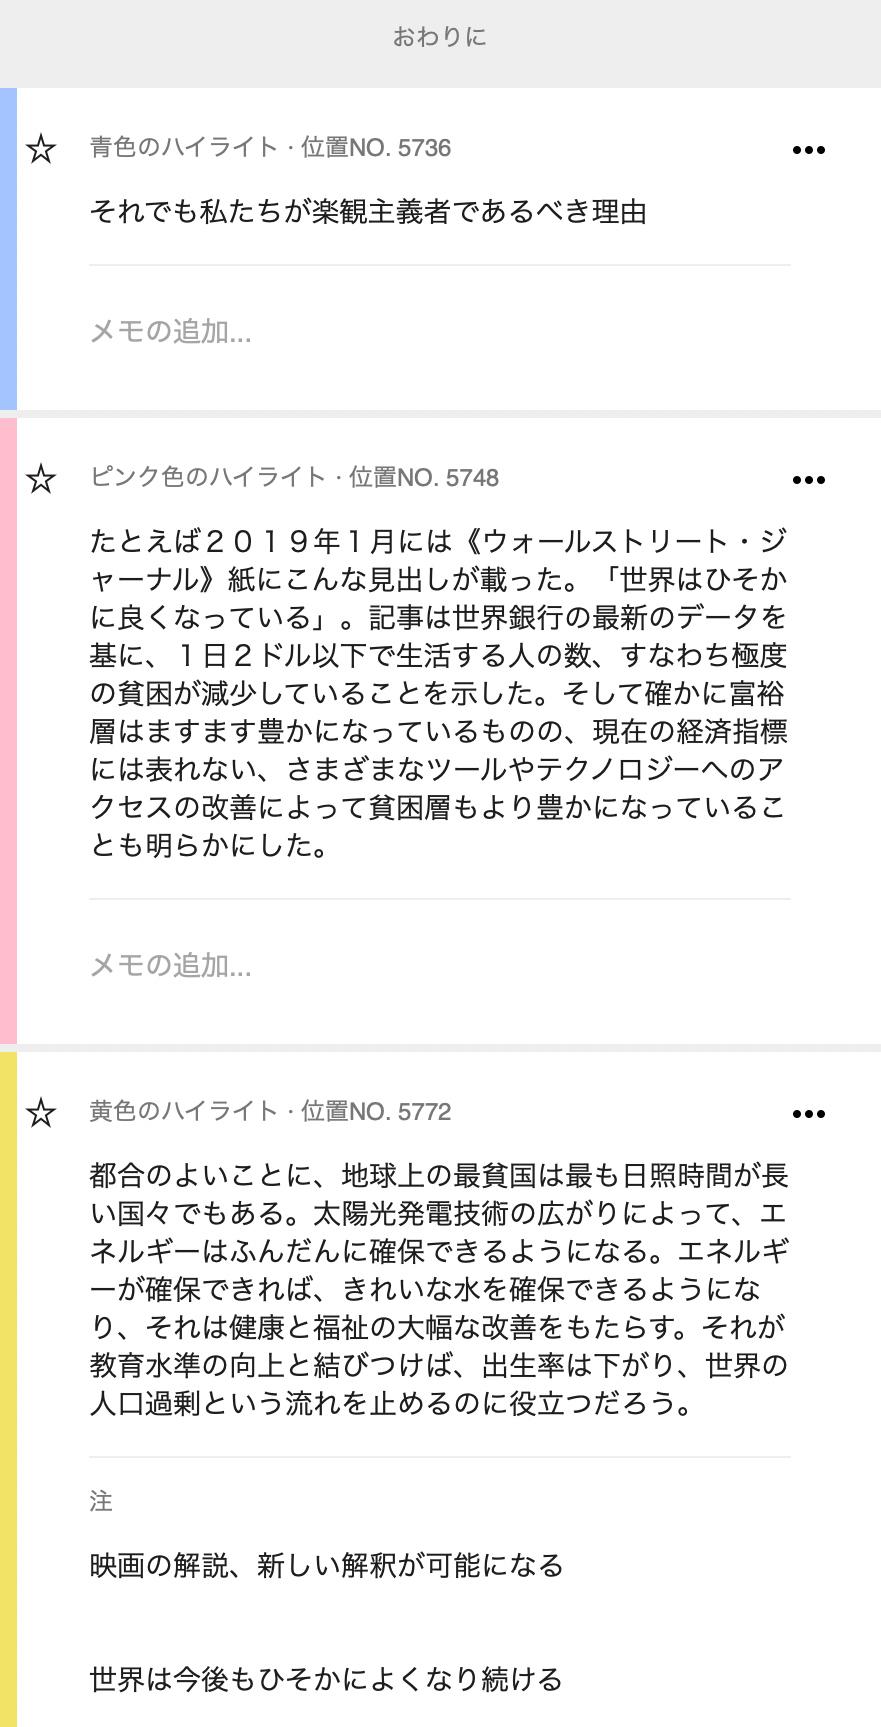 映画の解説.jpg